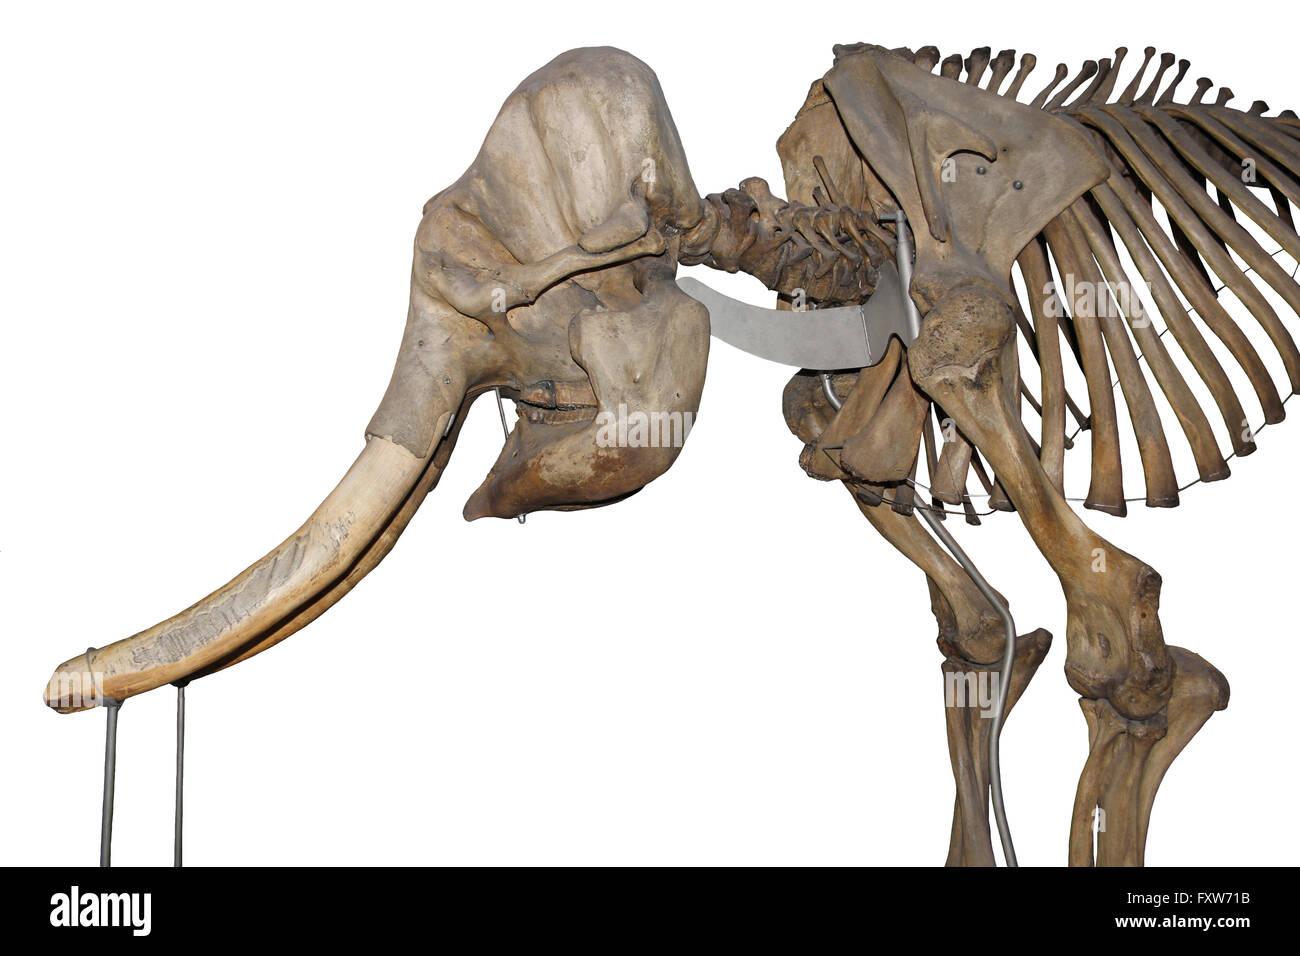 Asiatischer Elefant Skelett Stockfoto, Bild: 102587223 - Alamy